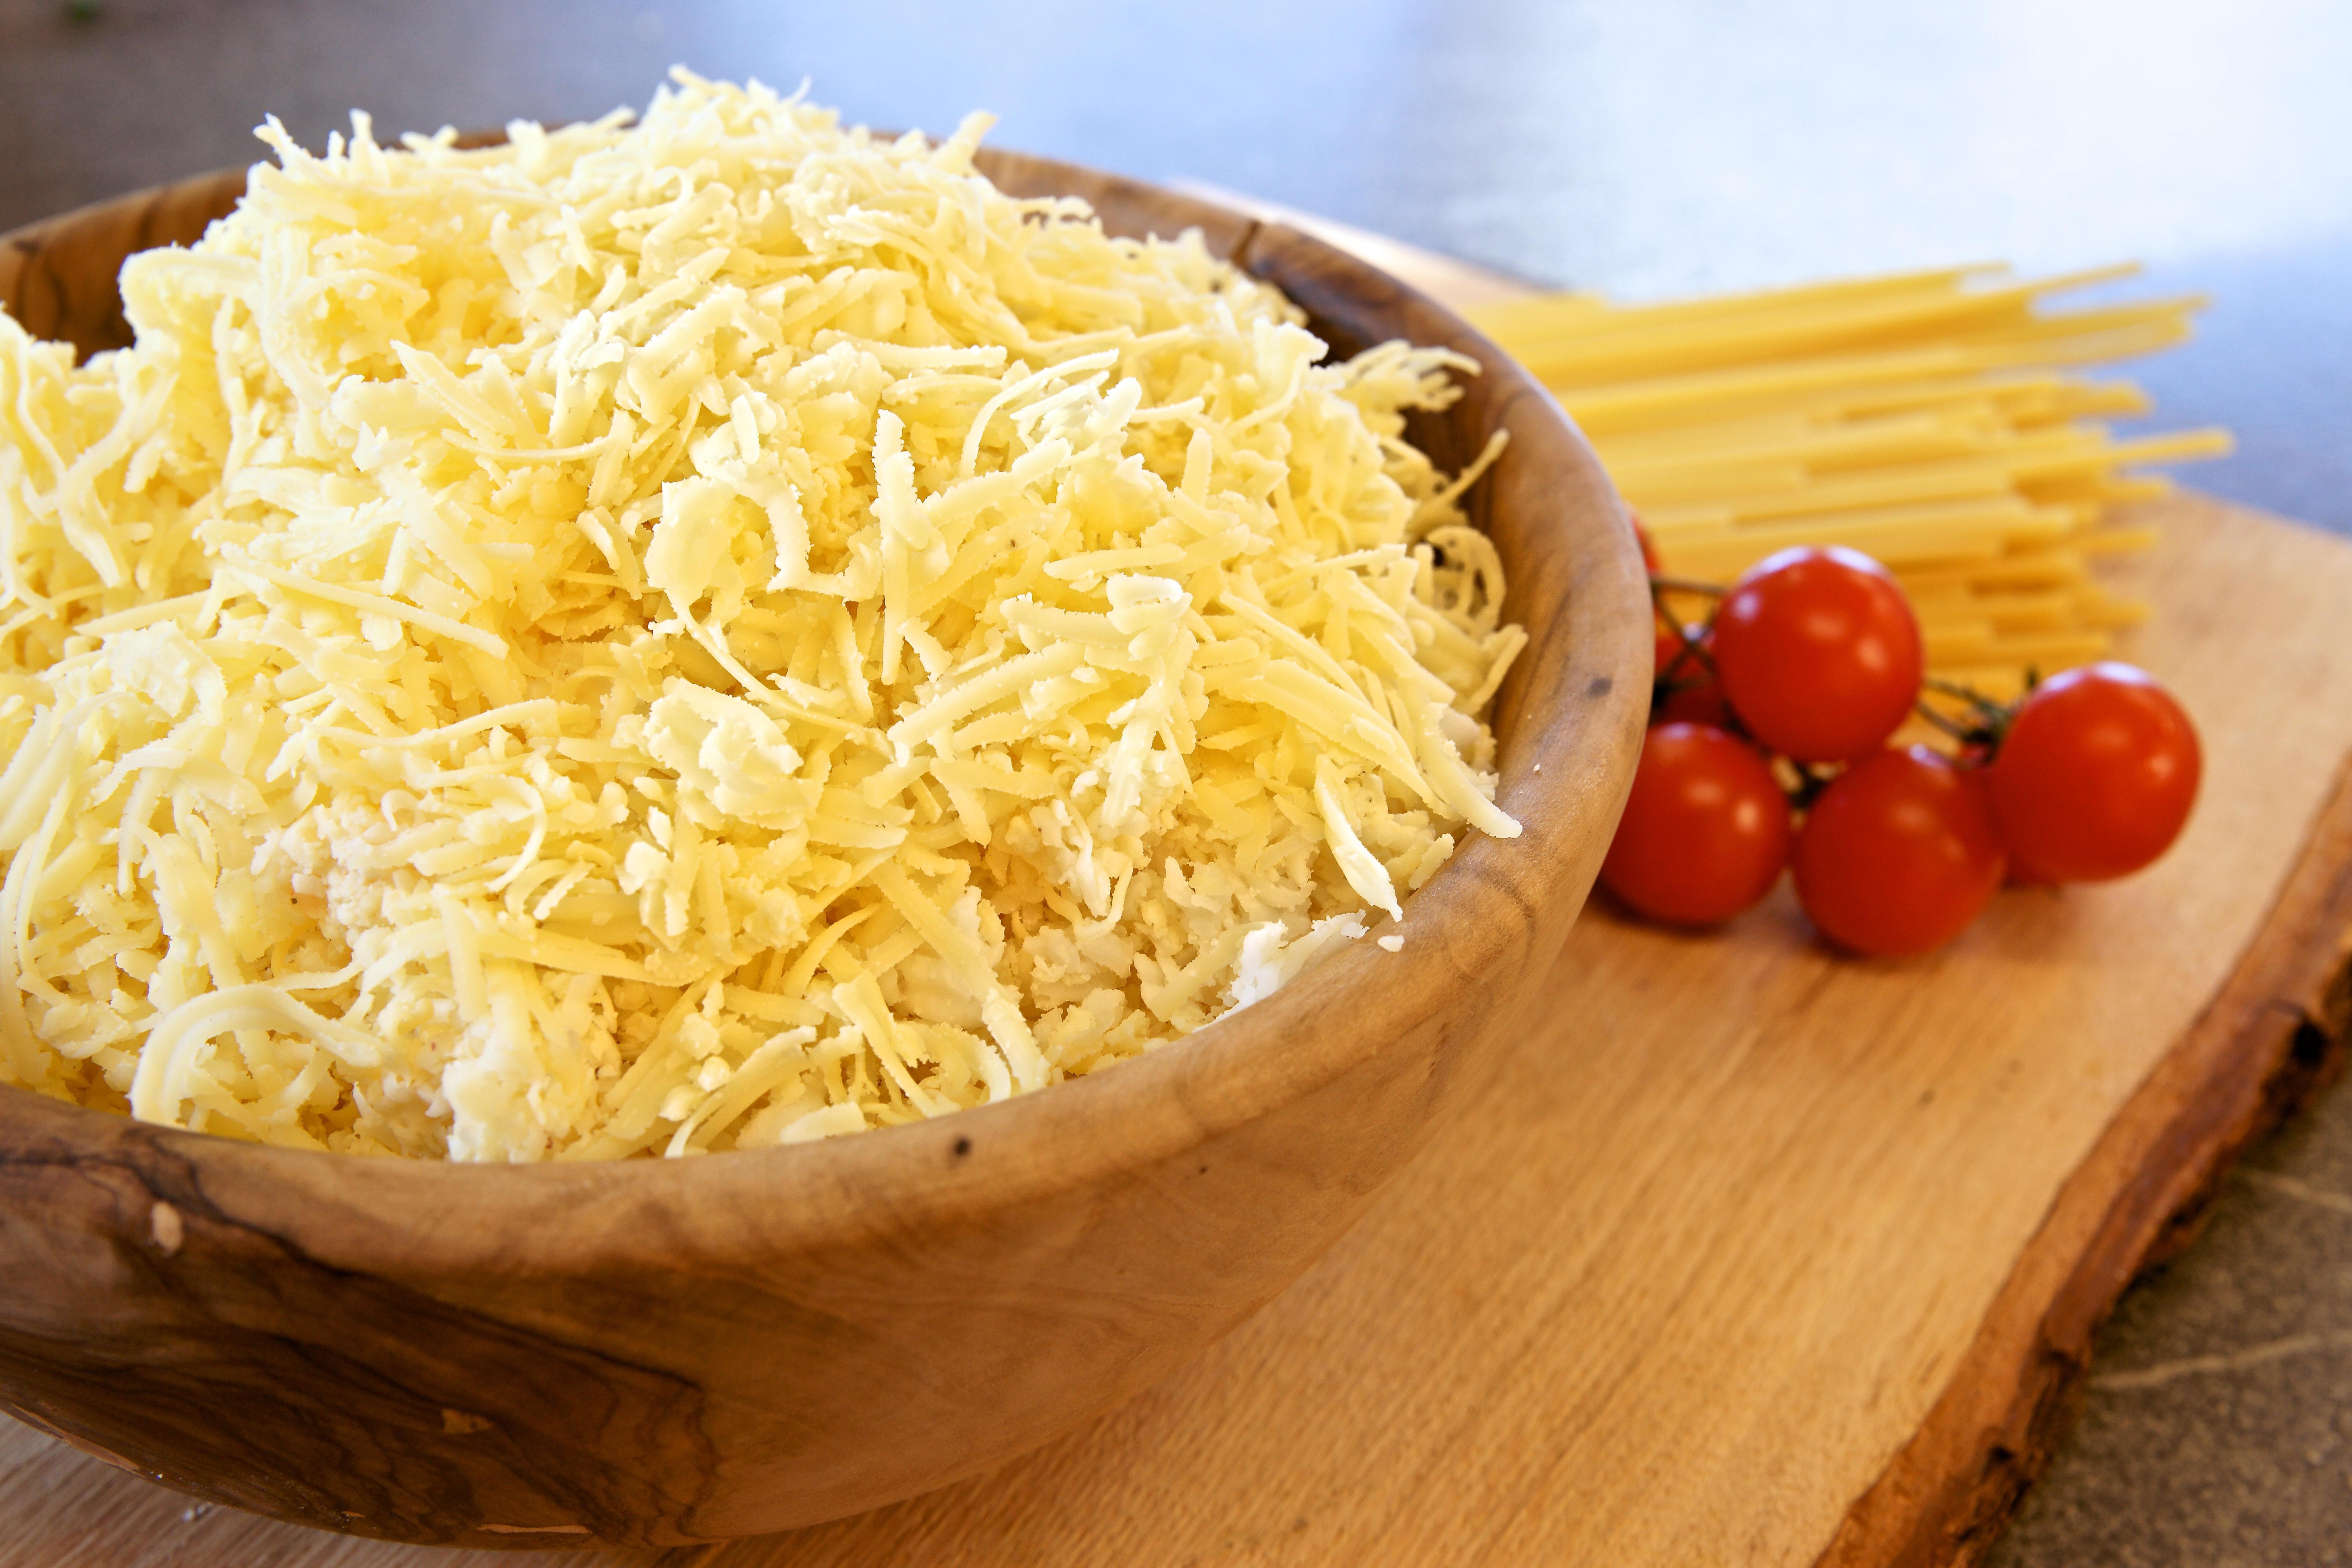 Gratinkäse - Frisch gerieben und vielseitig zu verwenden